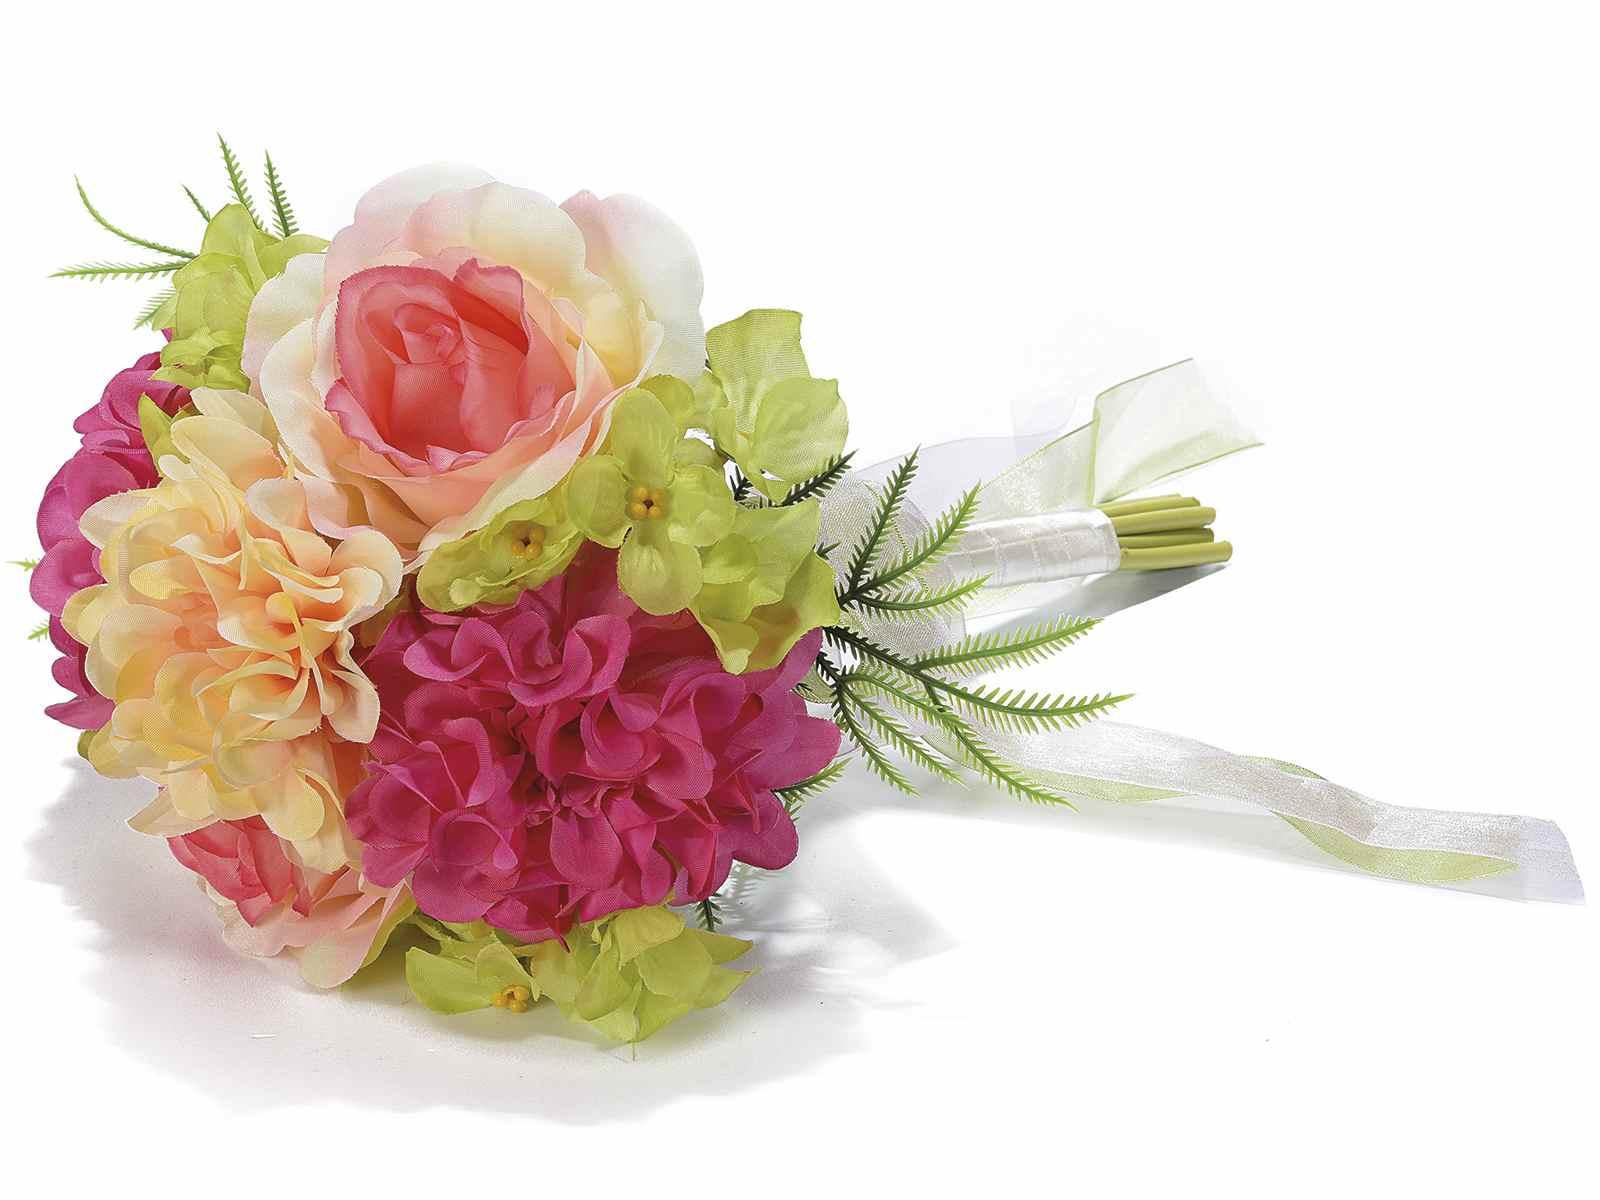 Vaso Con Ortensie Finte bouquet rose,ortensie artificiali c/nastri in organza e raso